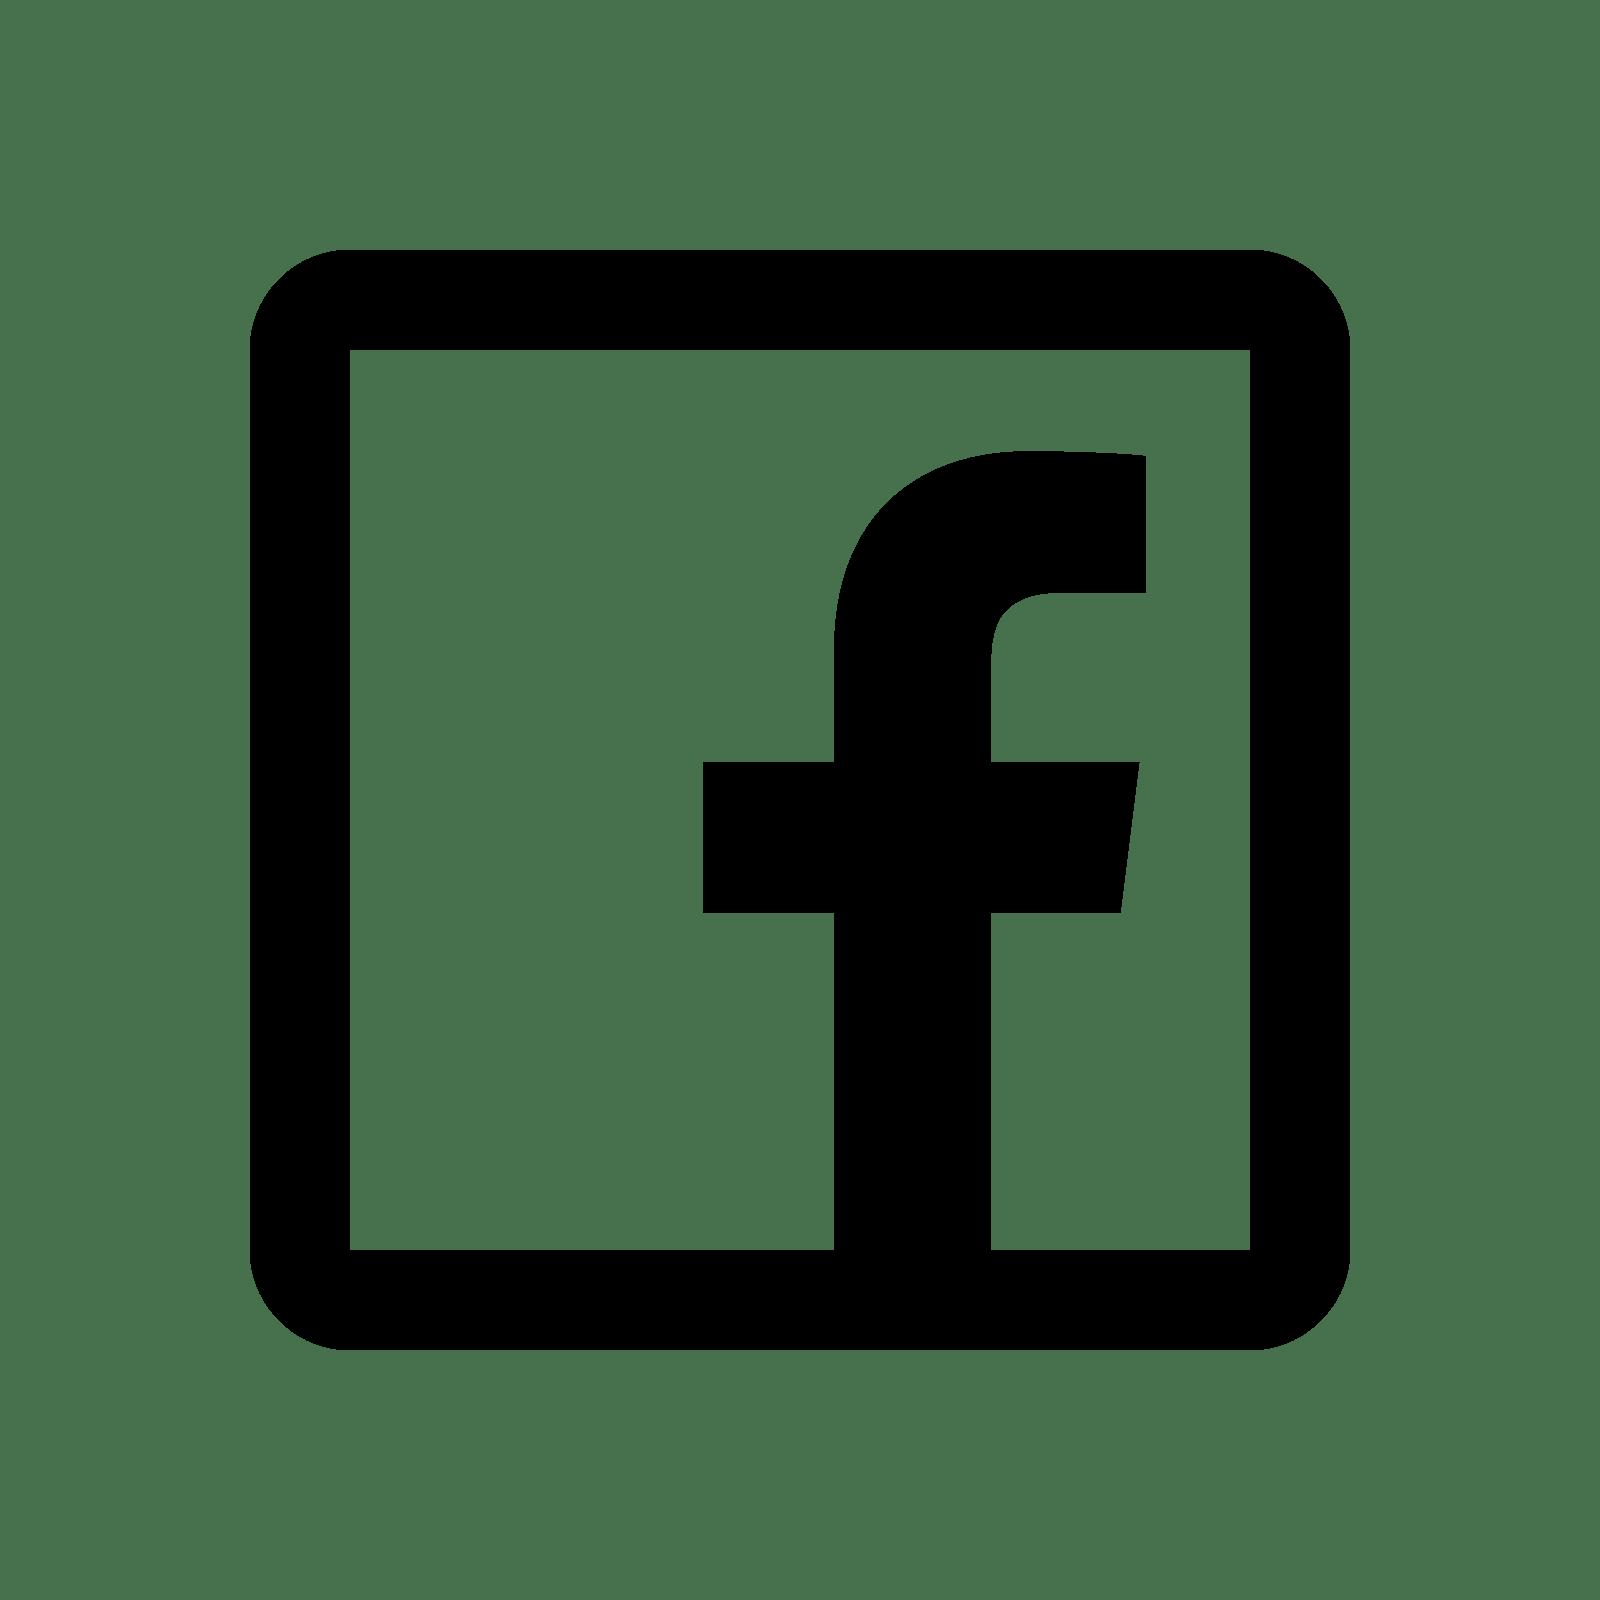 Facebook Computer Icons Logo.